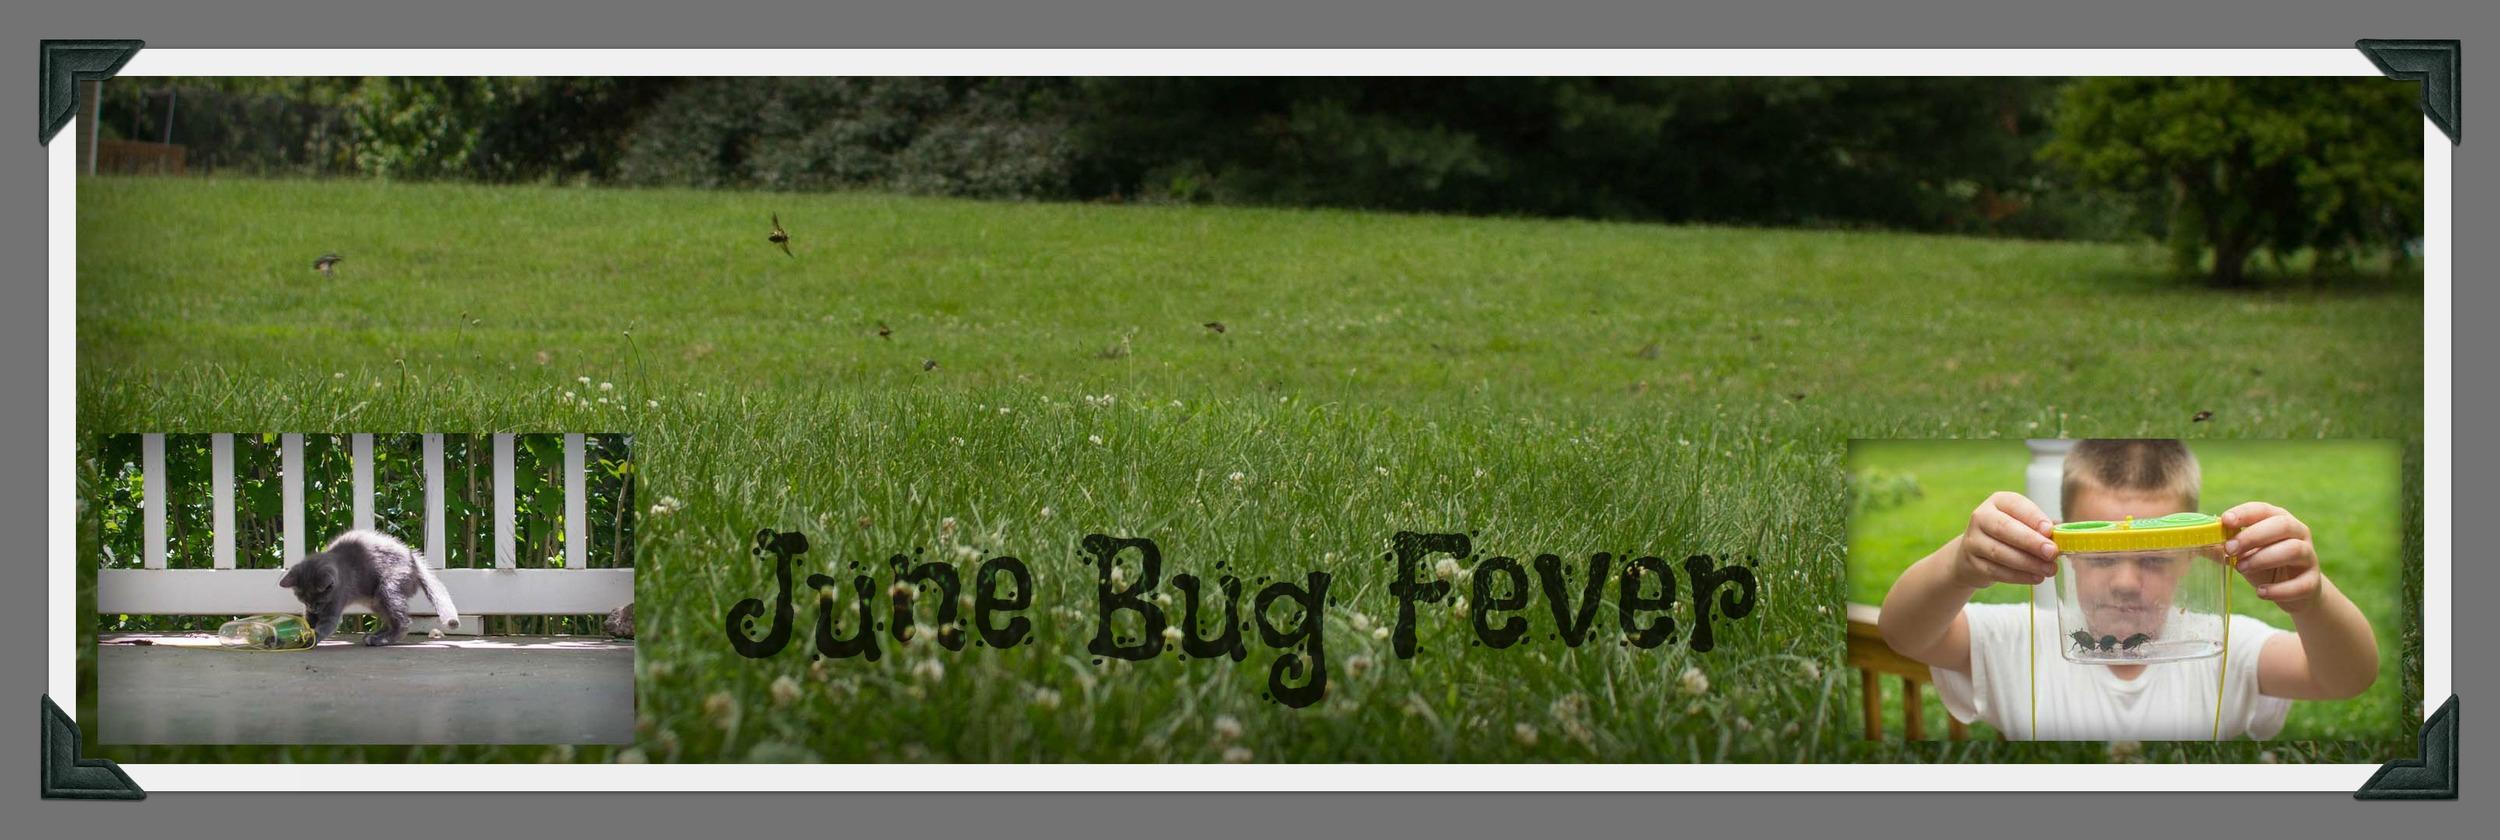 june bug fever.jpg